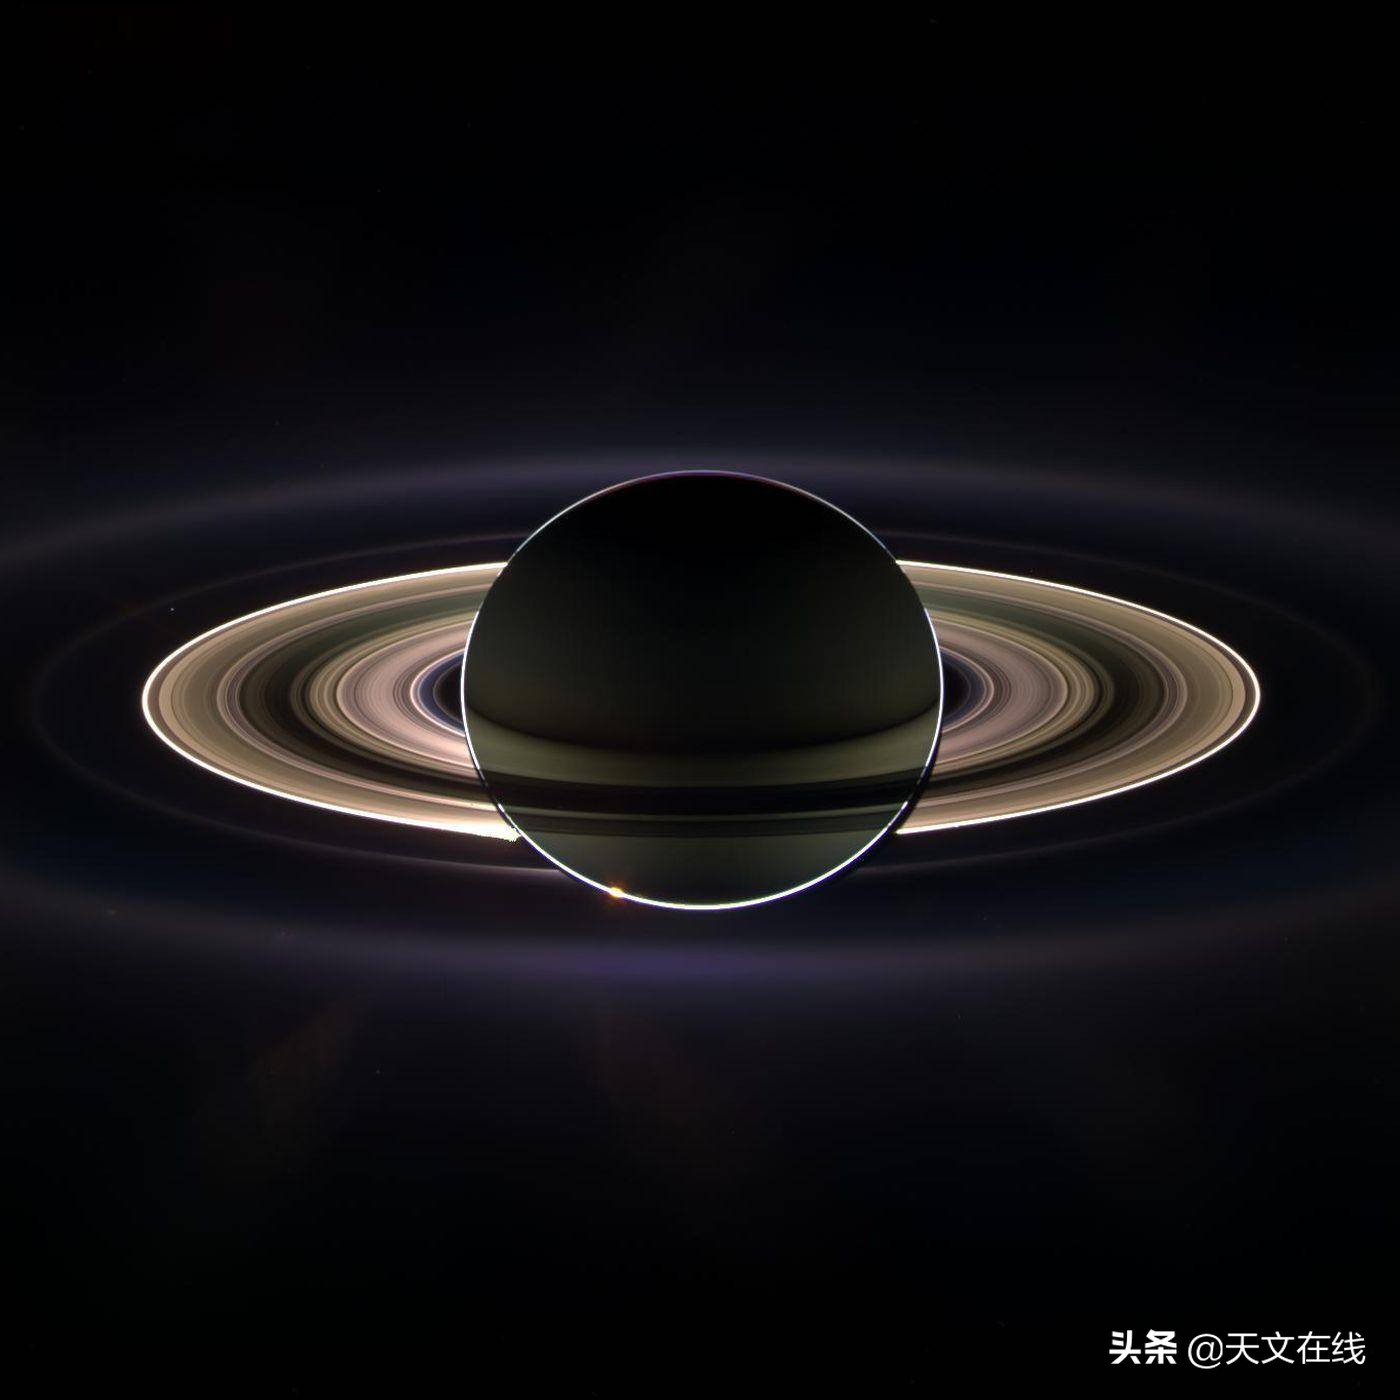 土星混乱表面探测出一种新型风暴